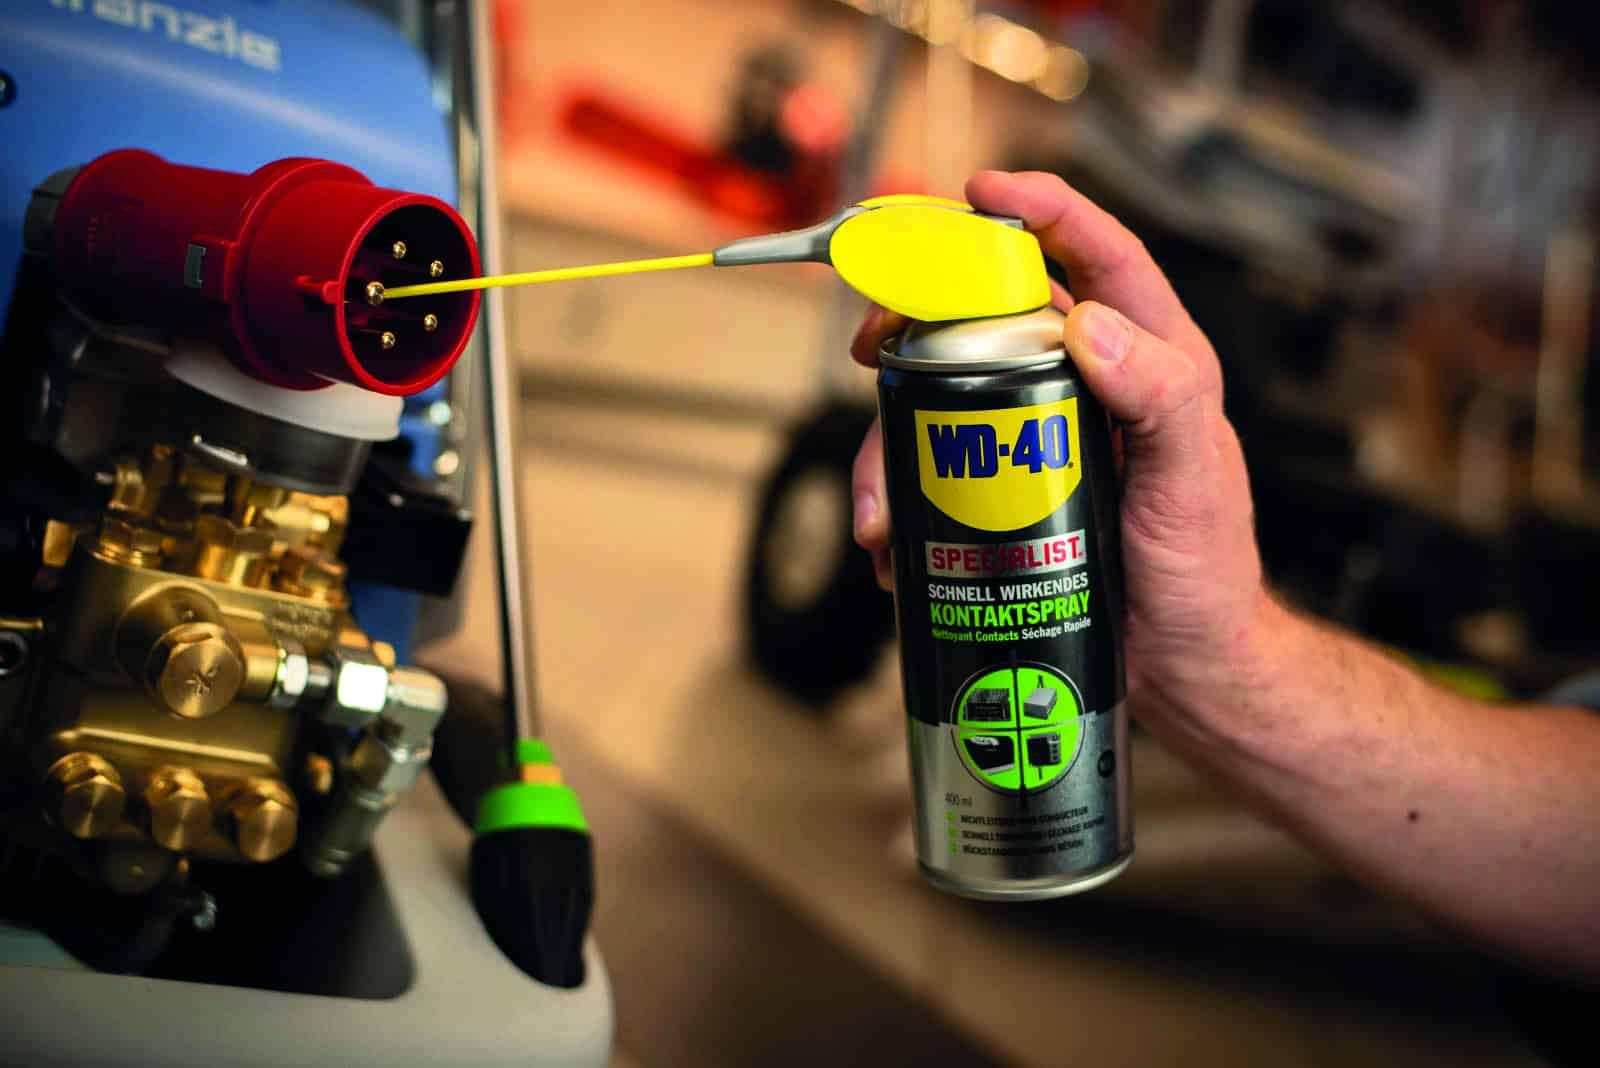 Le spray de contact, qu'est-ce que c'est et comment l'utiliser ? - le guide WD-40